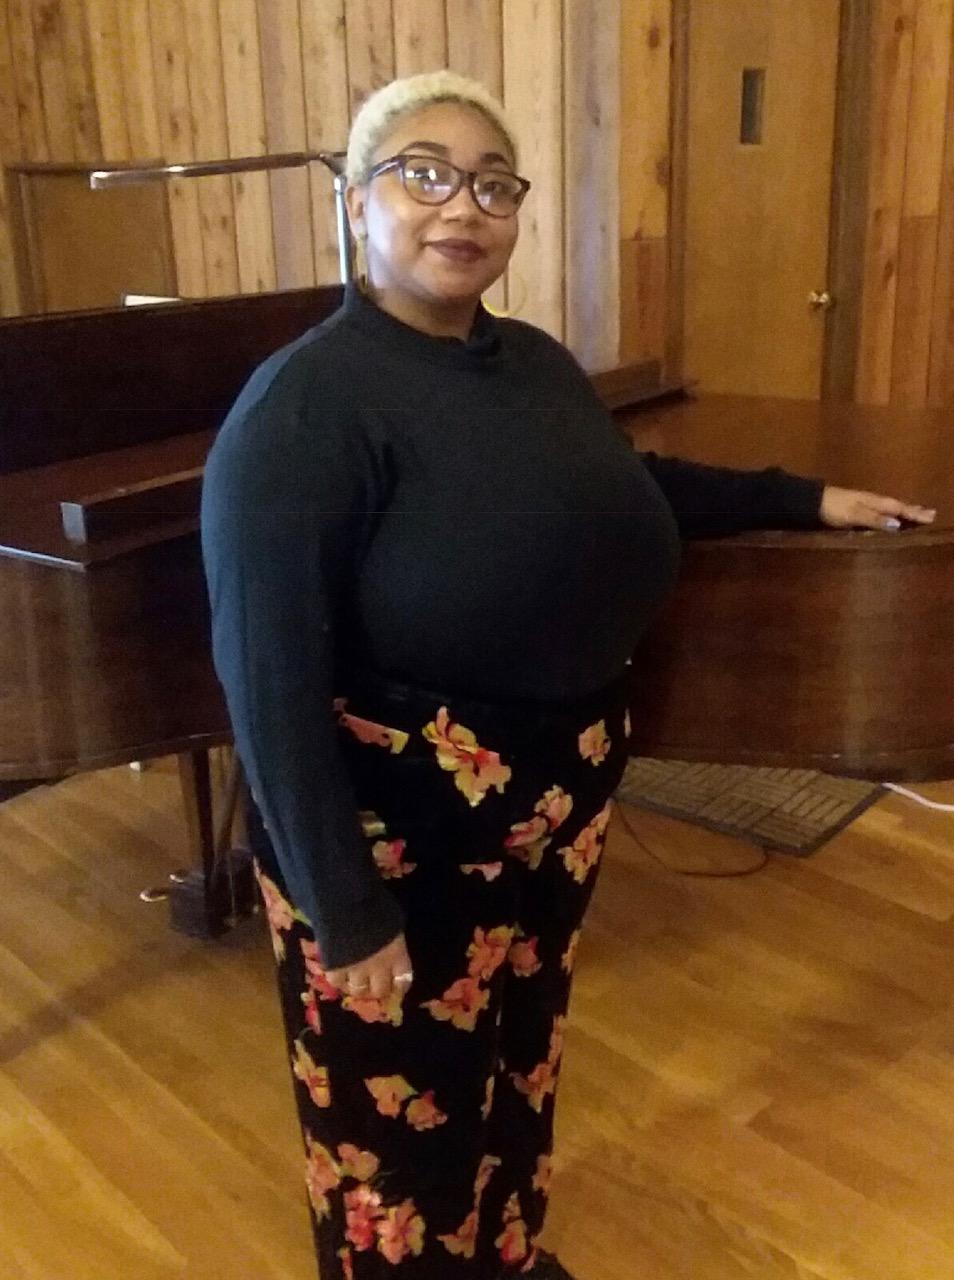 Braeden Johnson 2018-2019 Choral Scholar